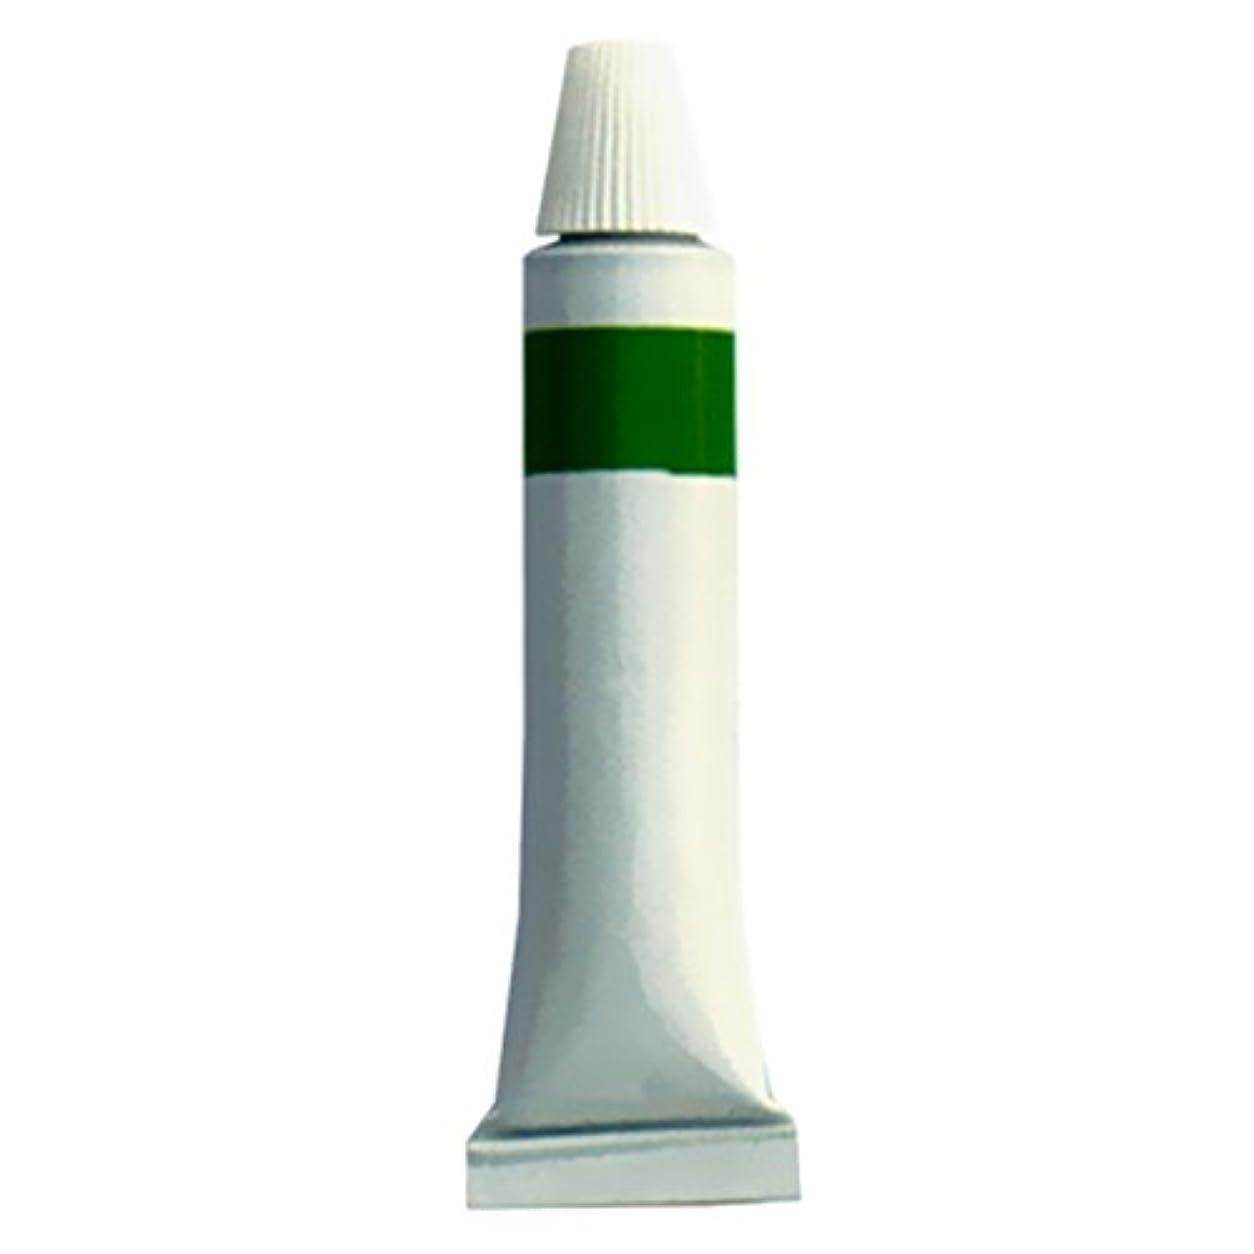 単位コメンテーター省略するRAZOLUTION Sharpening grease green, for strops, with high emery-content